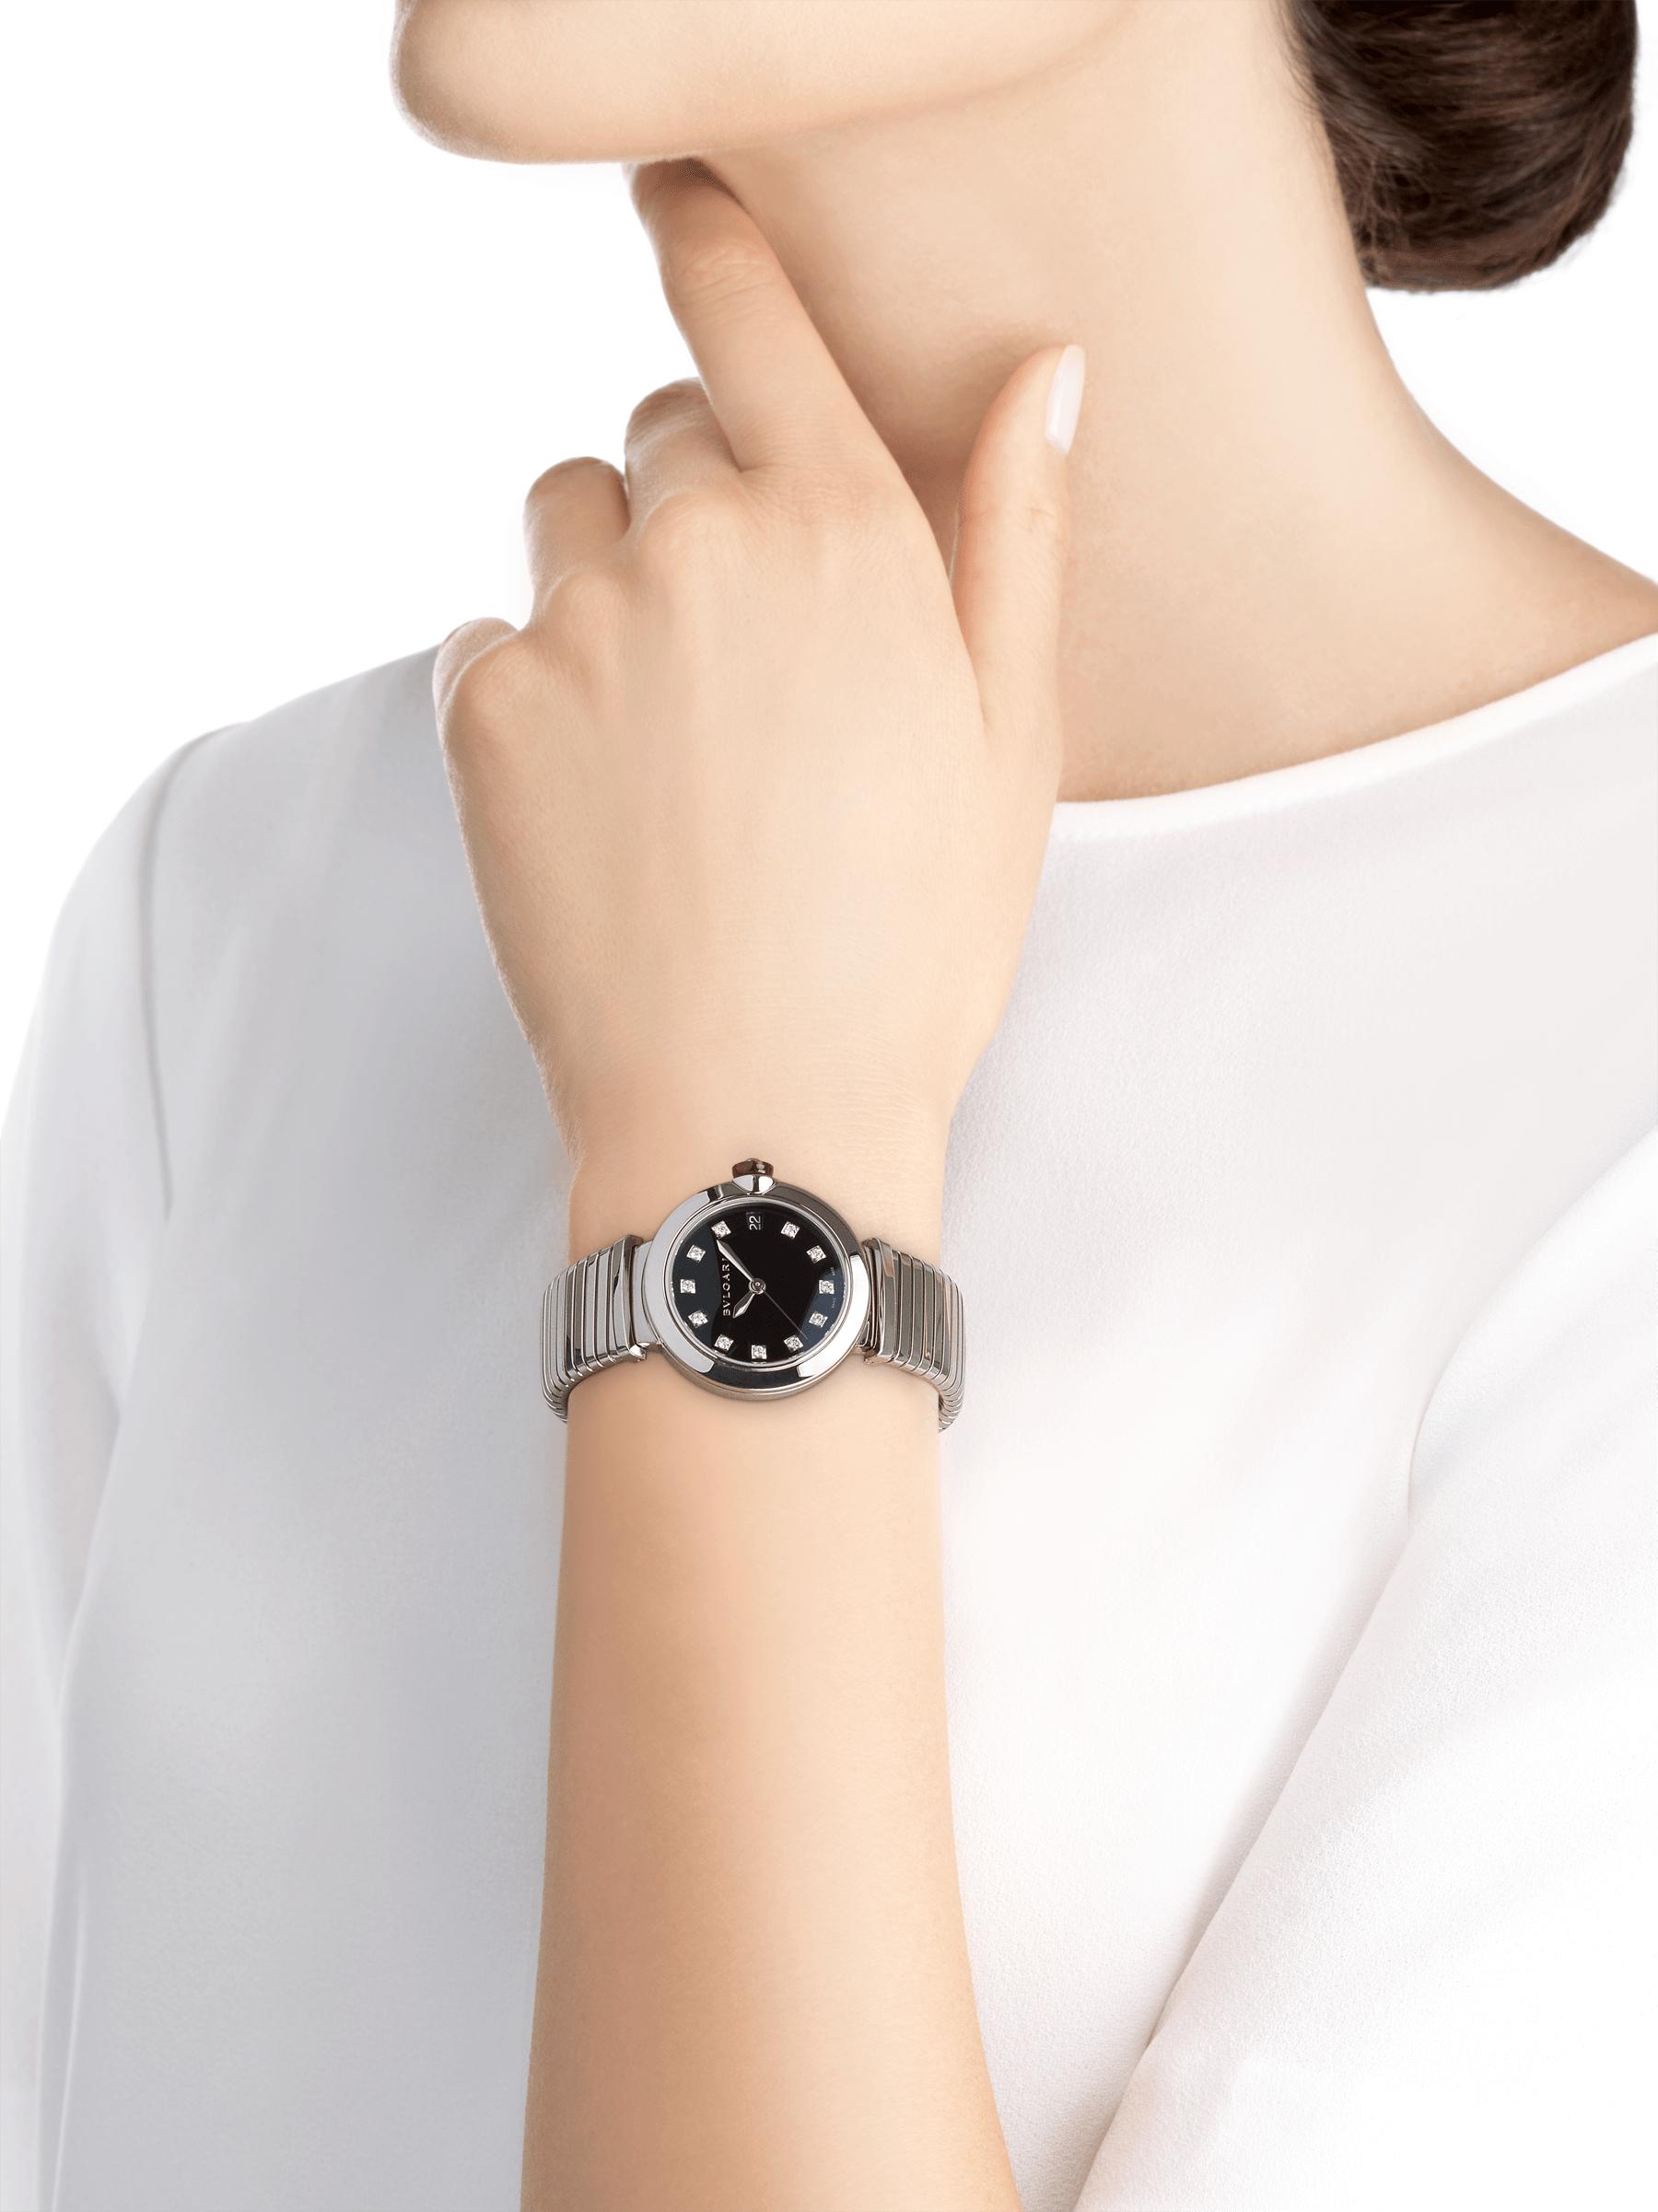 Montre LVCEA Tubogas avec boîtier et bracelet Tubogas en acier inoxydable, cadran laqué noir et index sertis de diamants 102953 image 4